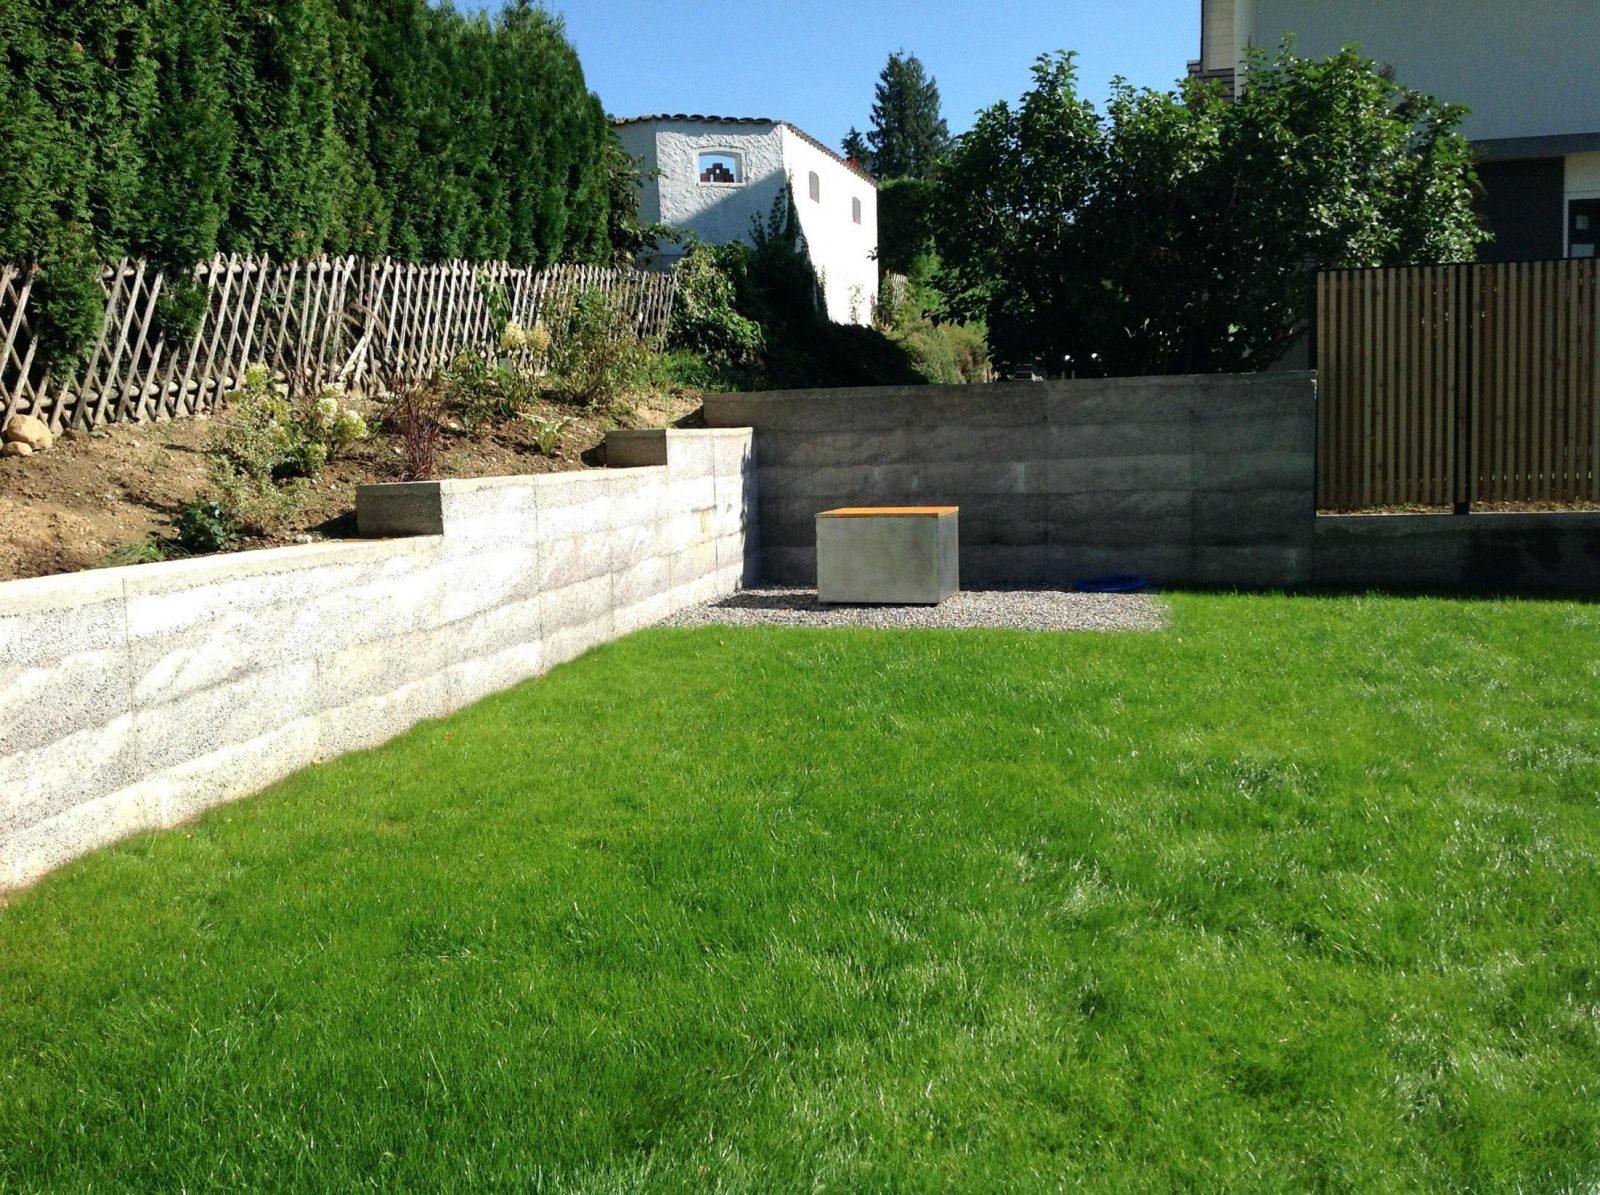 Moderner Holzzaun Selber Bauen Sichtschutz Idee 7 Garten Zaun von Garten Sichtschutz Selber Bauen Bild